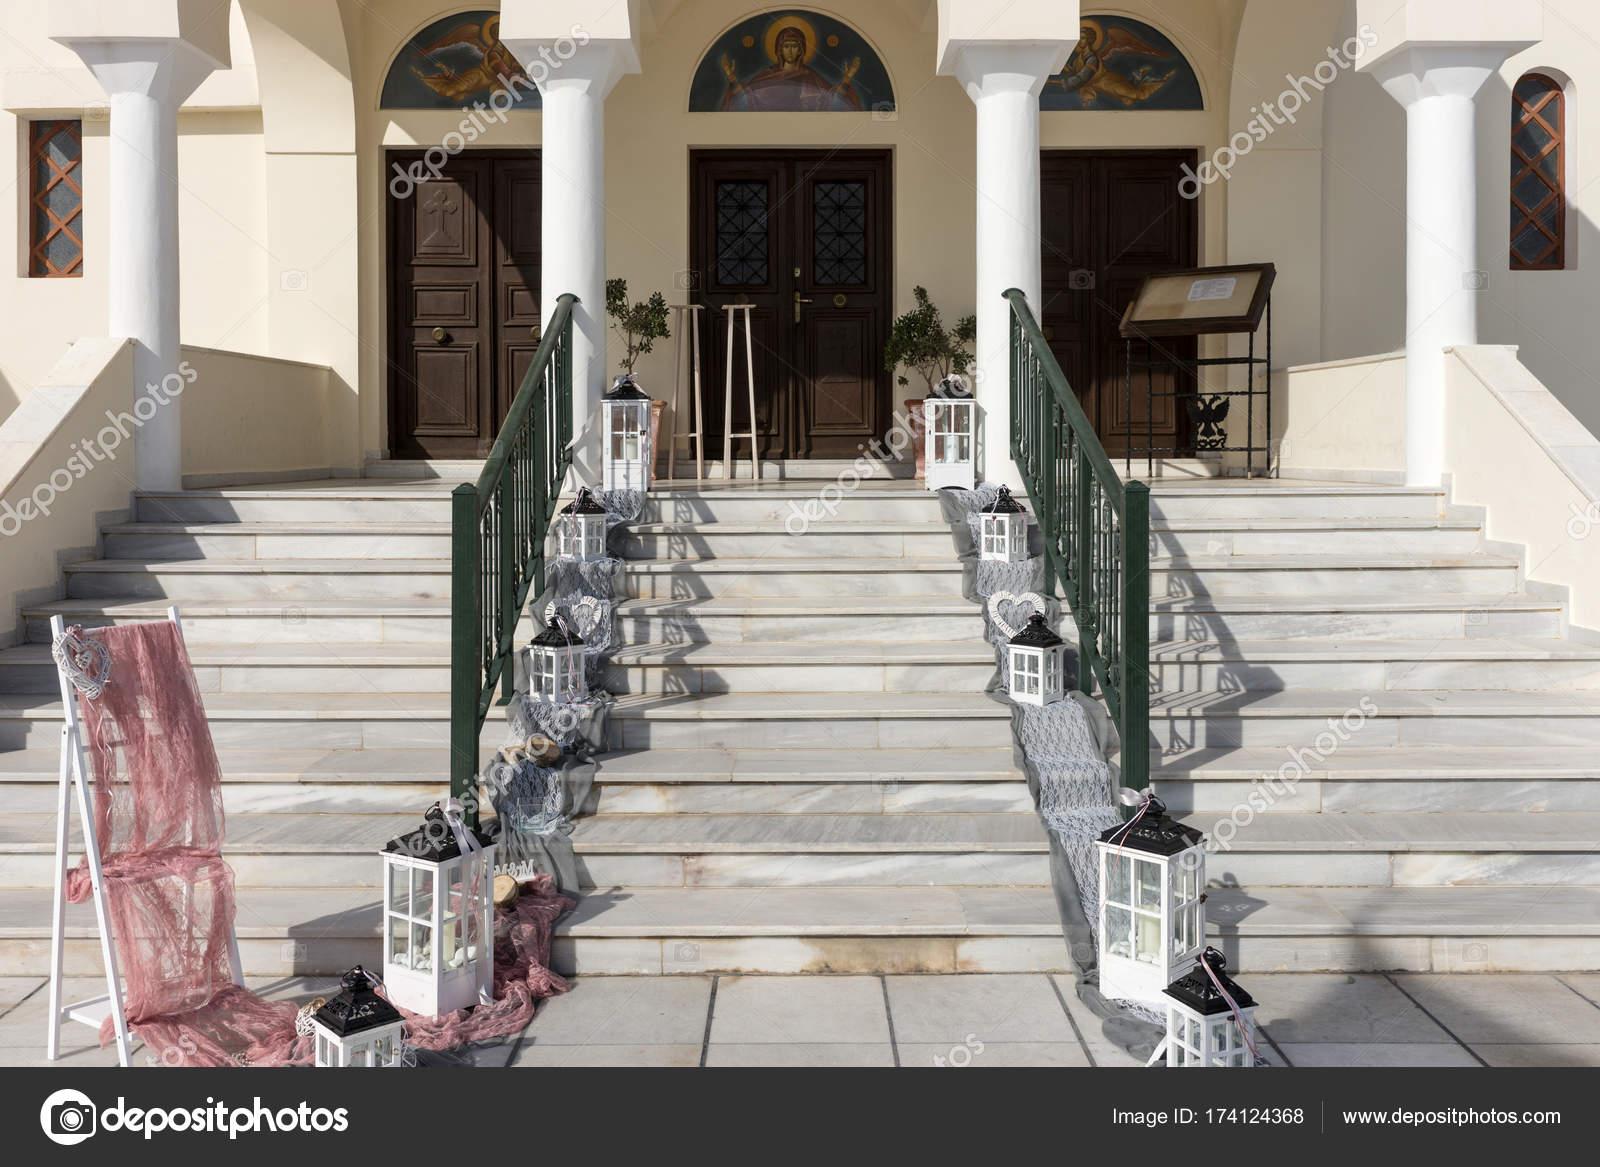 Hochzeitsdekoration Auf Der Treppe Der Kirche Stockfoto